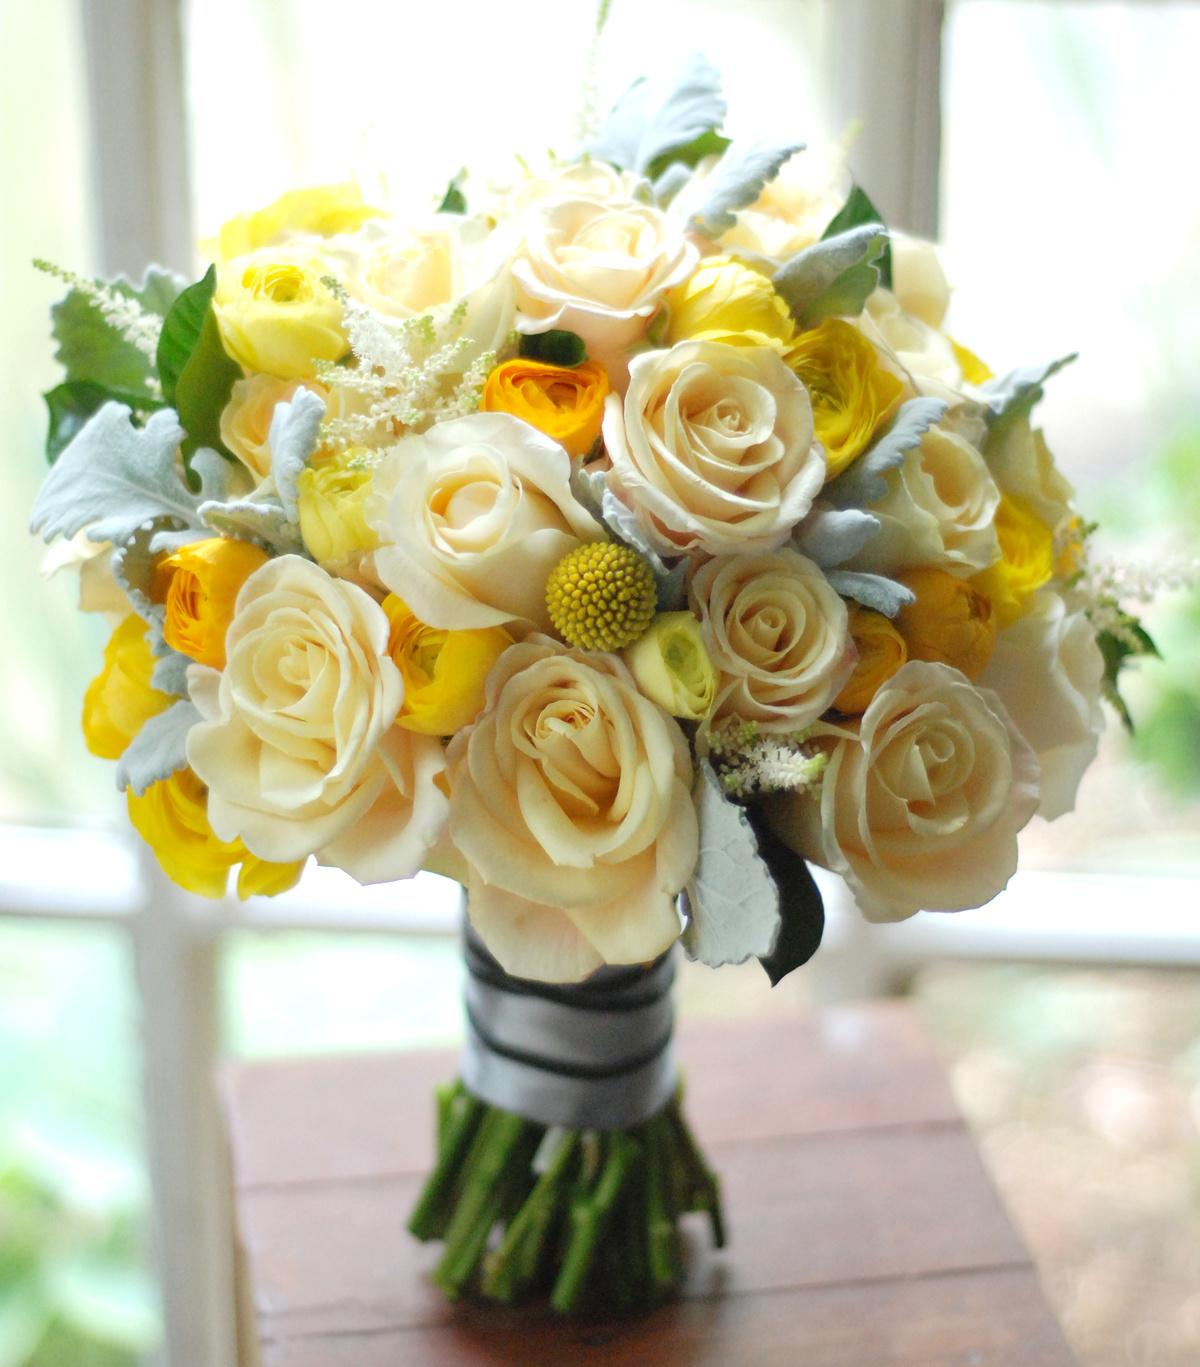 Свадьбу йошкар-оле, букет невесты композиция из желтых роз